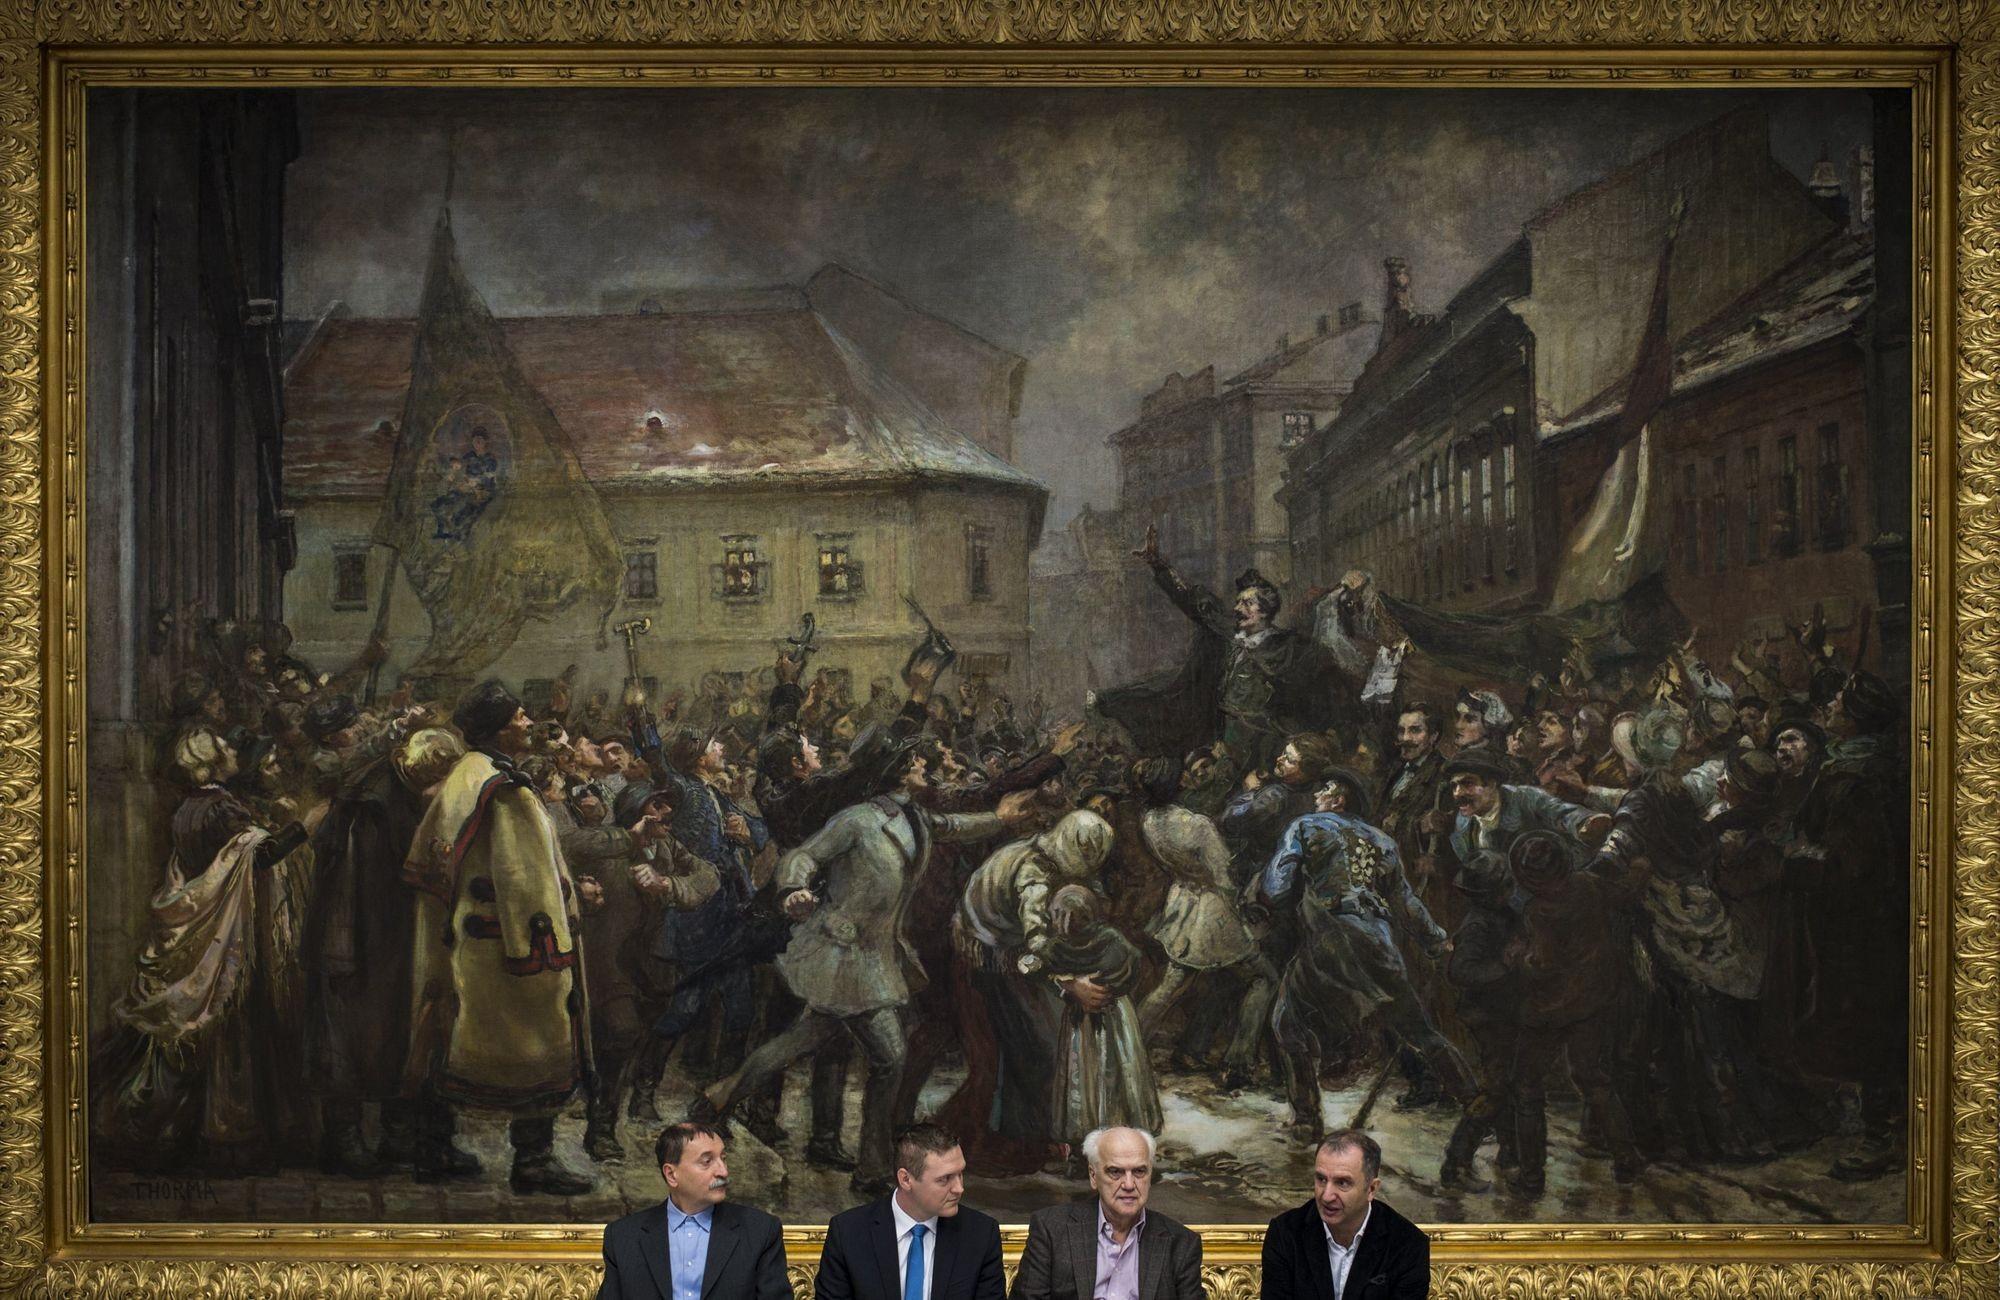 Thorma János és a nagybányai alkotók művészetét bemutató kiállítások nyílnak Kiskunhalason